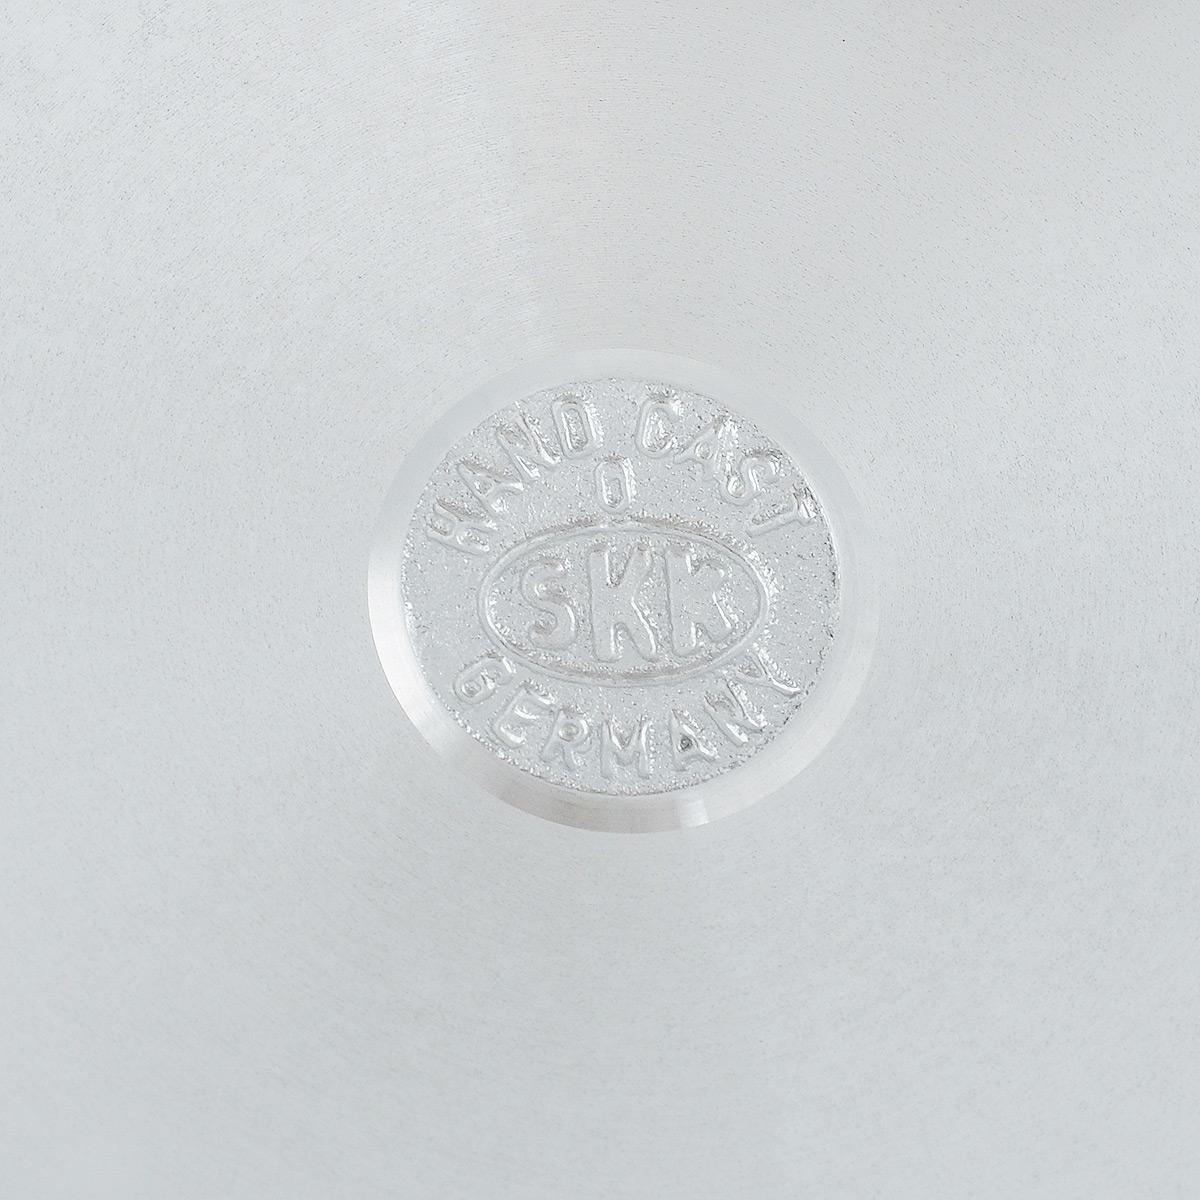 """Отличная прочная кухонная сковорода SKK """"Diamant"""" выполнена из алюминия и снабжена  высококачественным пятислойным титановым покрытием. Готовить можно с минимальным  количеством масла и жиров. Гладкая поверхность обеспечивает легкость ухода за посудой.  Изделие оснащено съемной бакелитовой ручкой, которая не нагревается в процессе готовки.   Сковорода подходит для использования на всех типах плит, кроме индукционных.  Можно мыть в посудомоечной машине. Диаметр сковороды (по верхнему краю): 26 x 26 см. Диаметр дна: 26 x 26 см. Высота стенки: 7 см."""